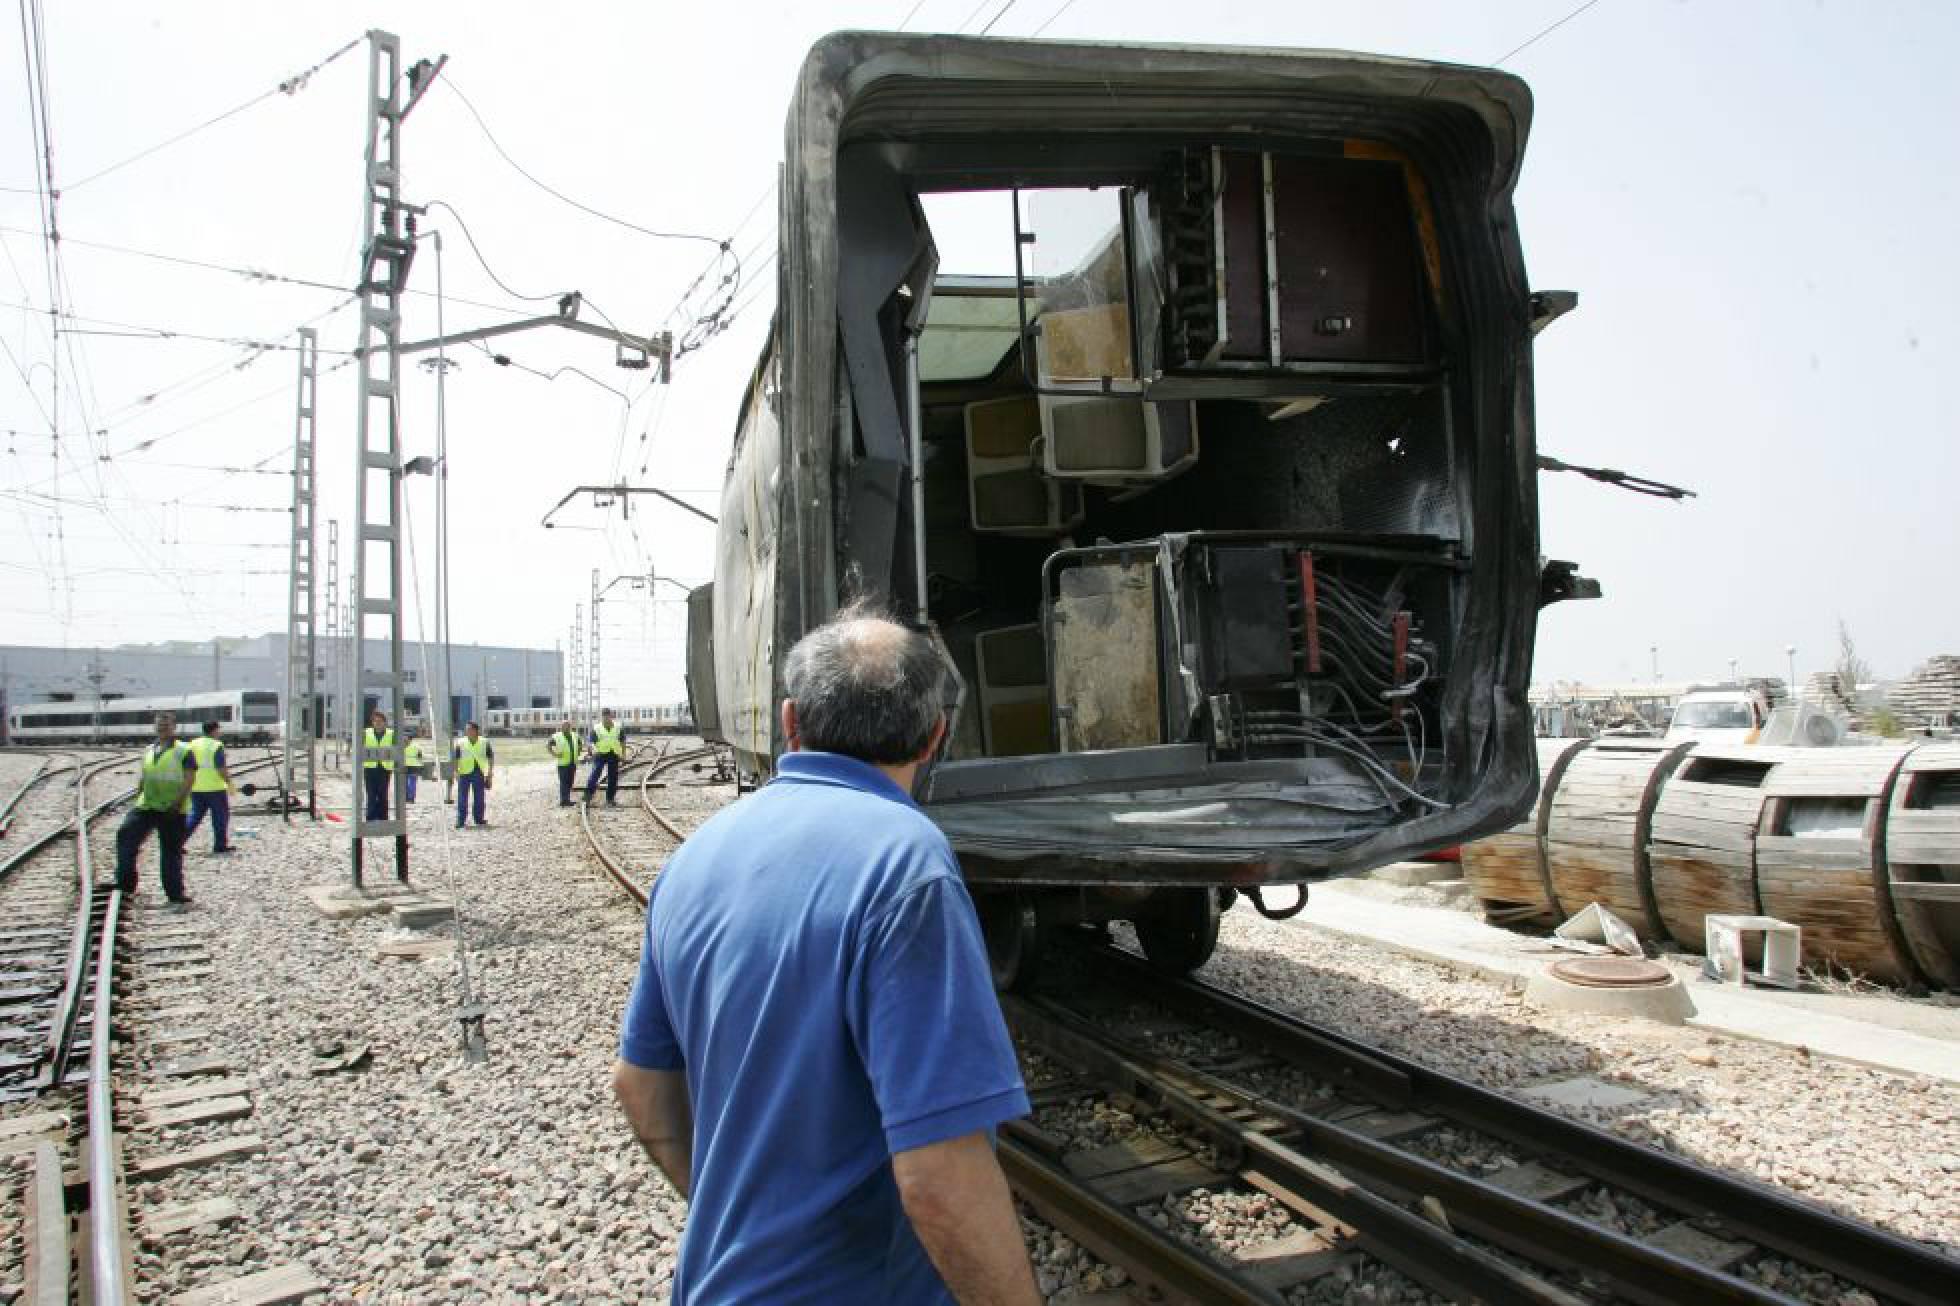 Traslado de uno de los vagones siniestrados en Valencia en 2006.